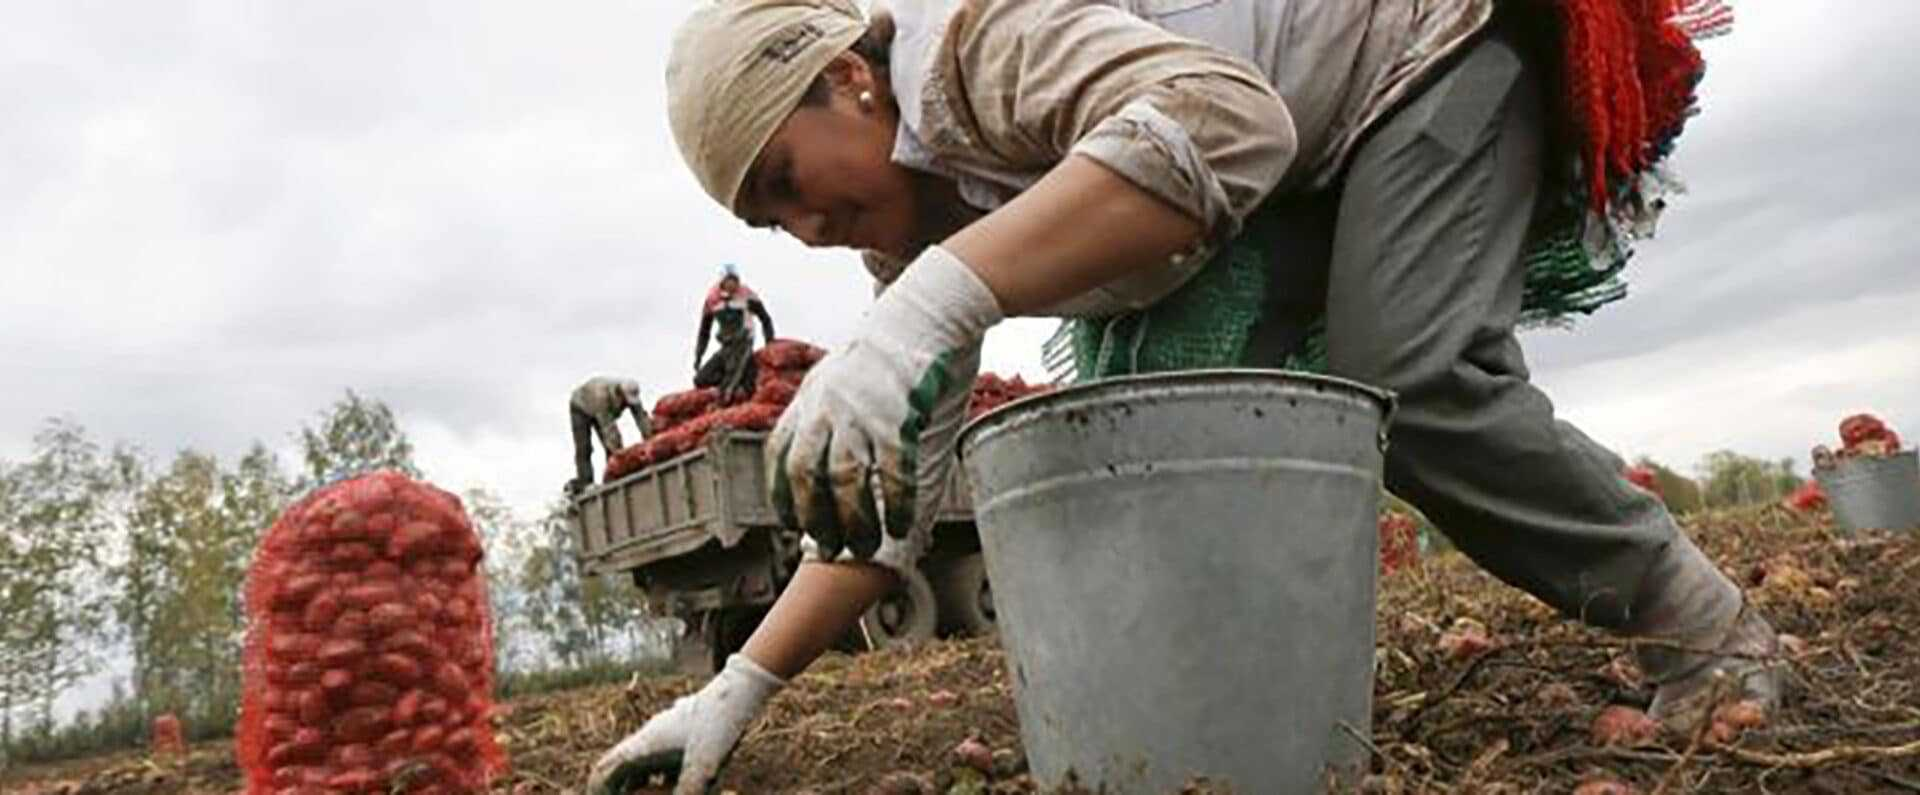 мигранты на сельхозработах в России